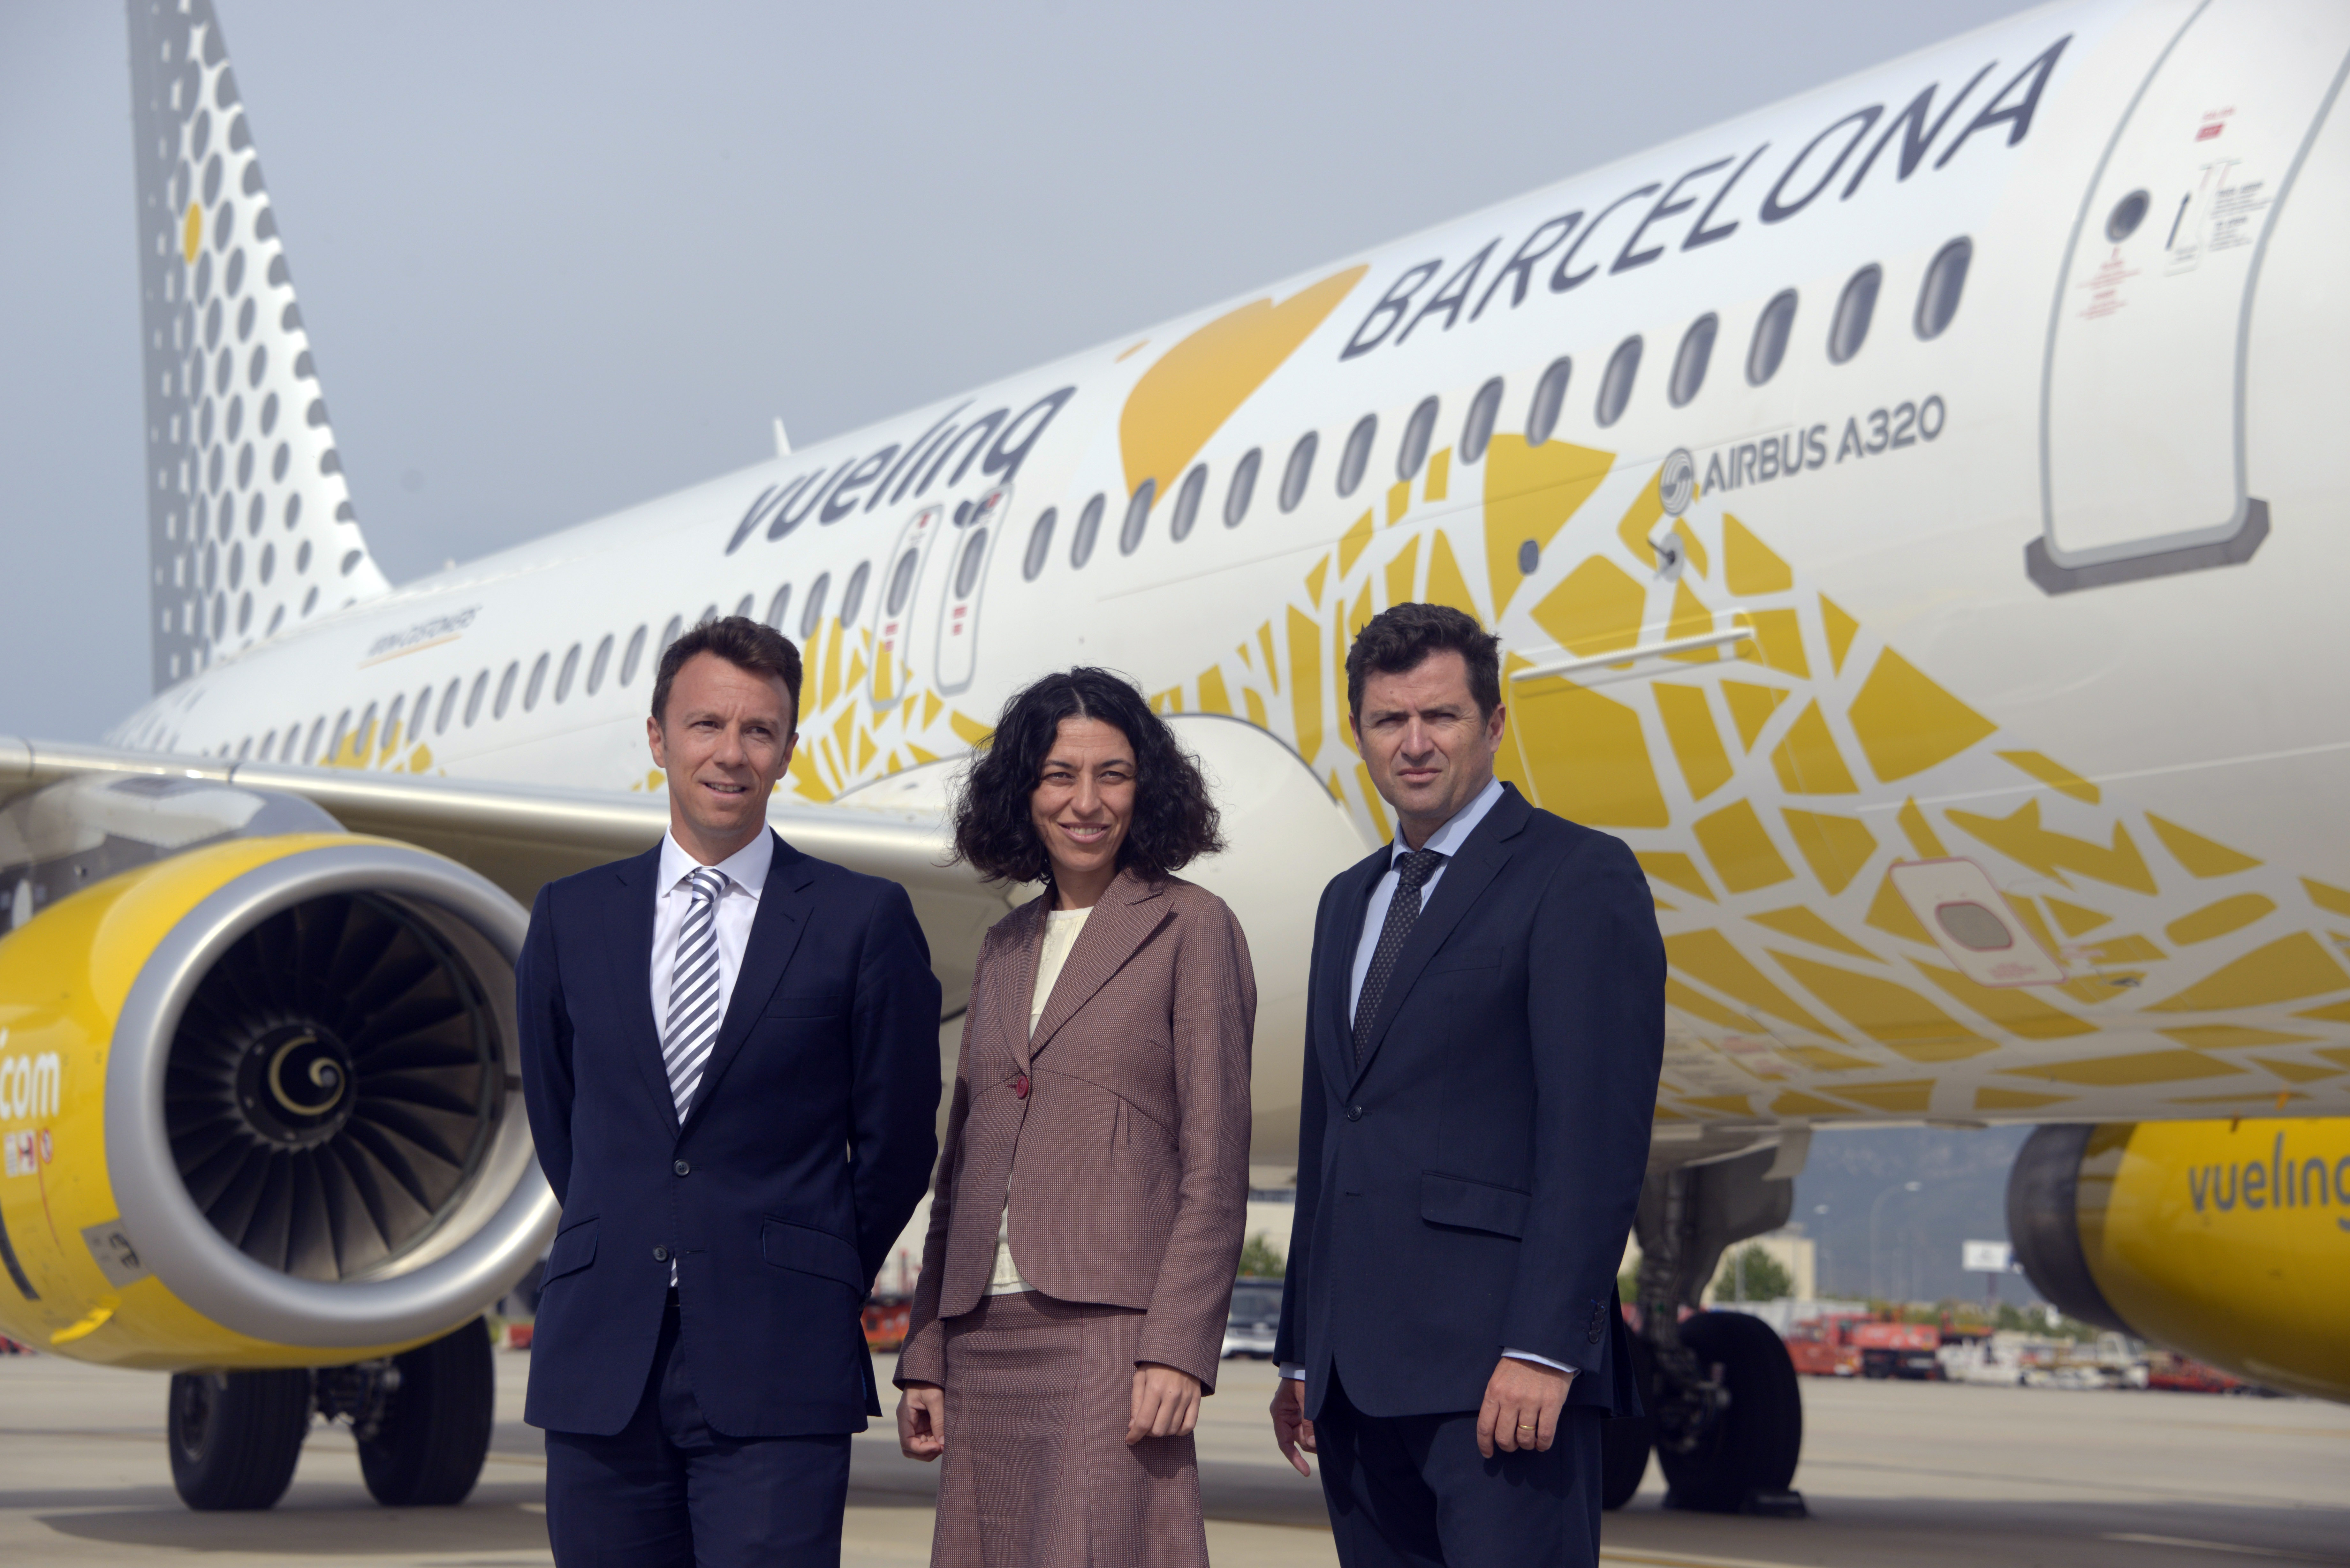 Nuevos vuelos de Jet2.com y Thomas Cook para verano de 2017 en el aeropuerto de Alicante